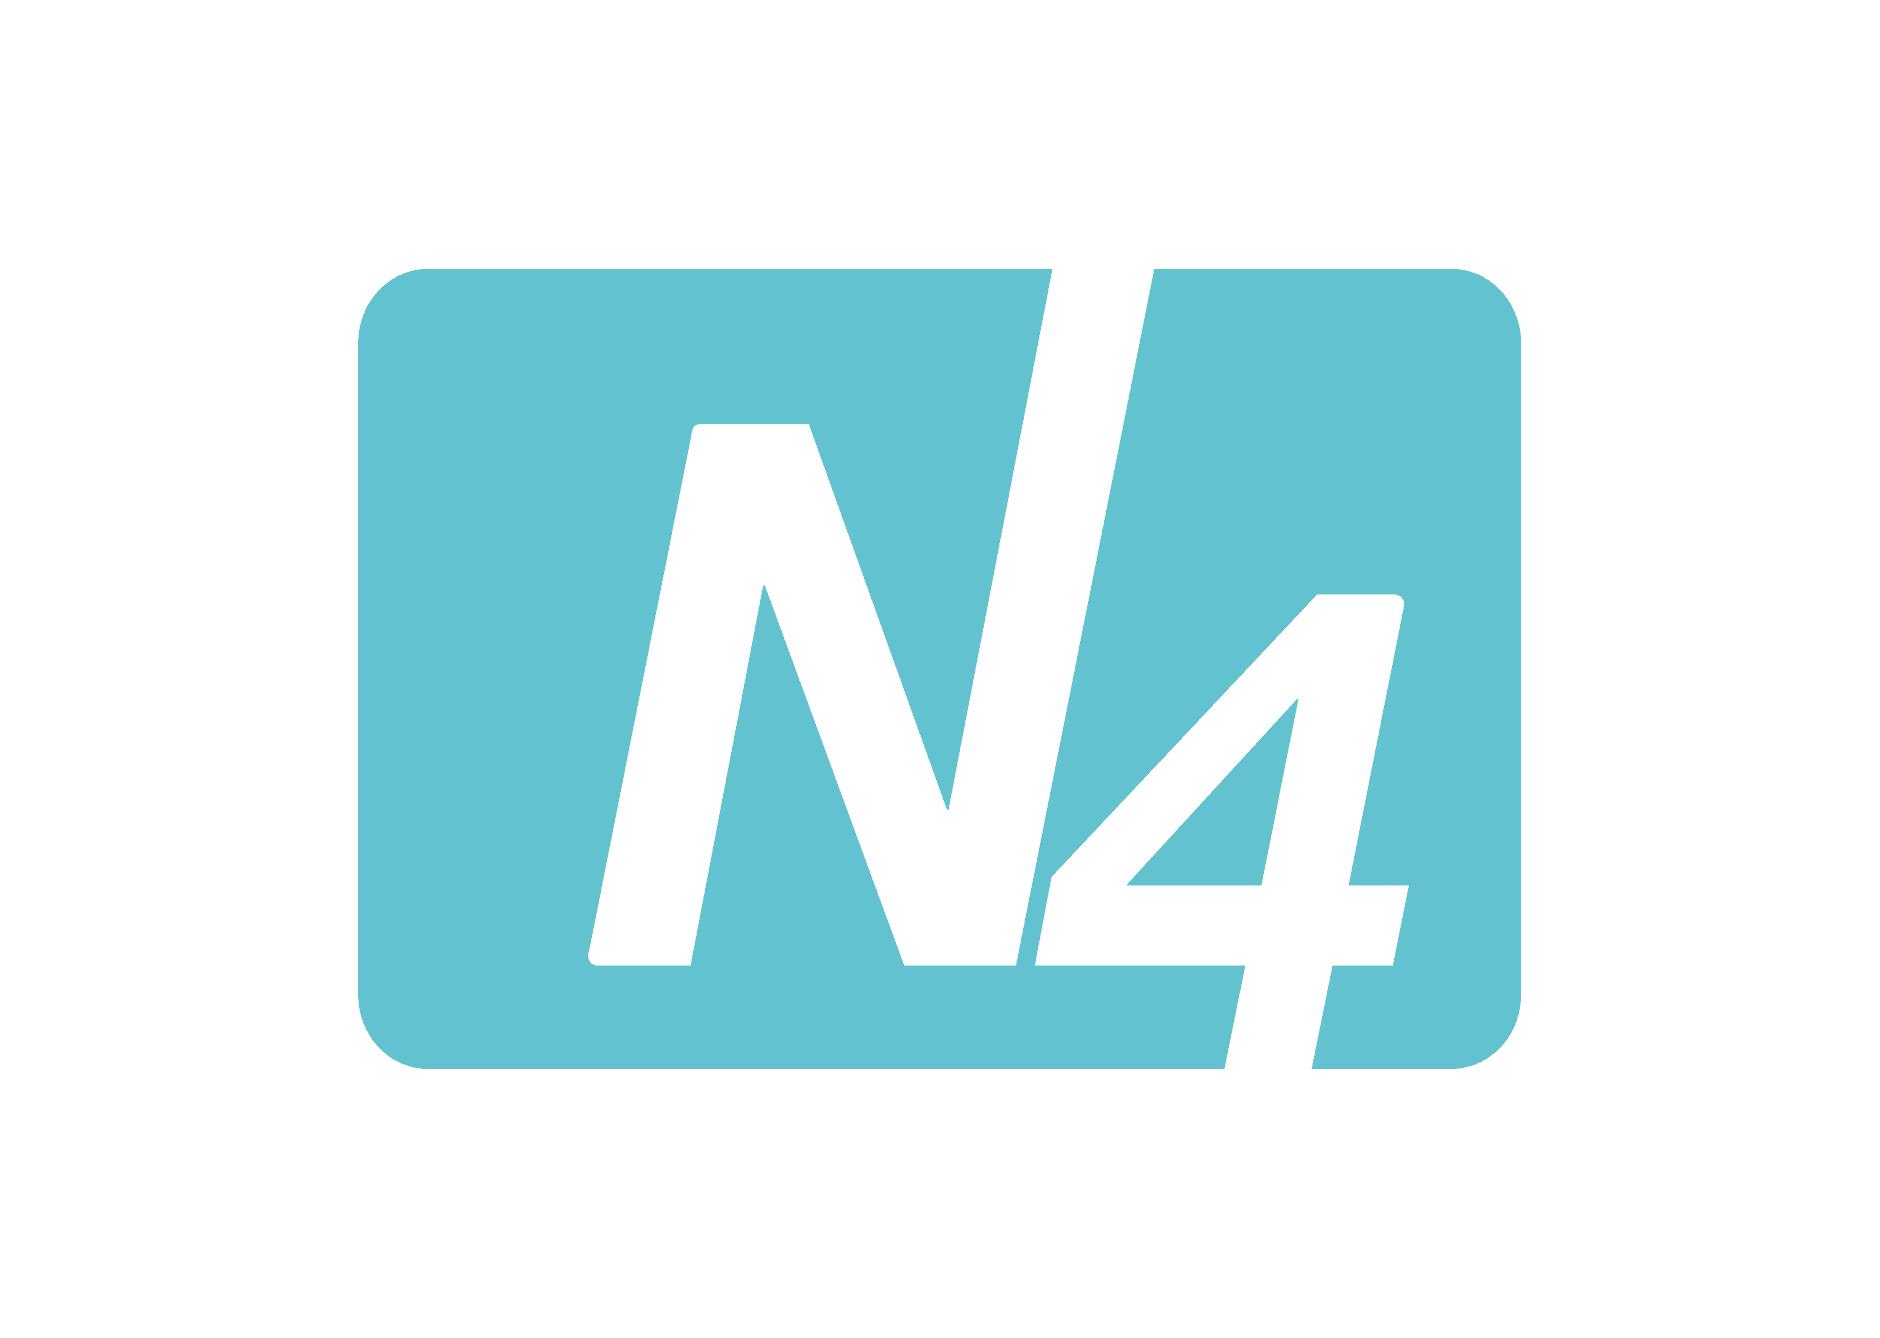 https://n4.is/img/a_logo.png